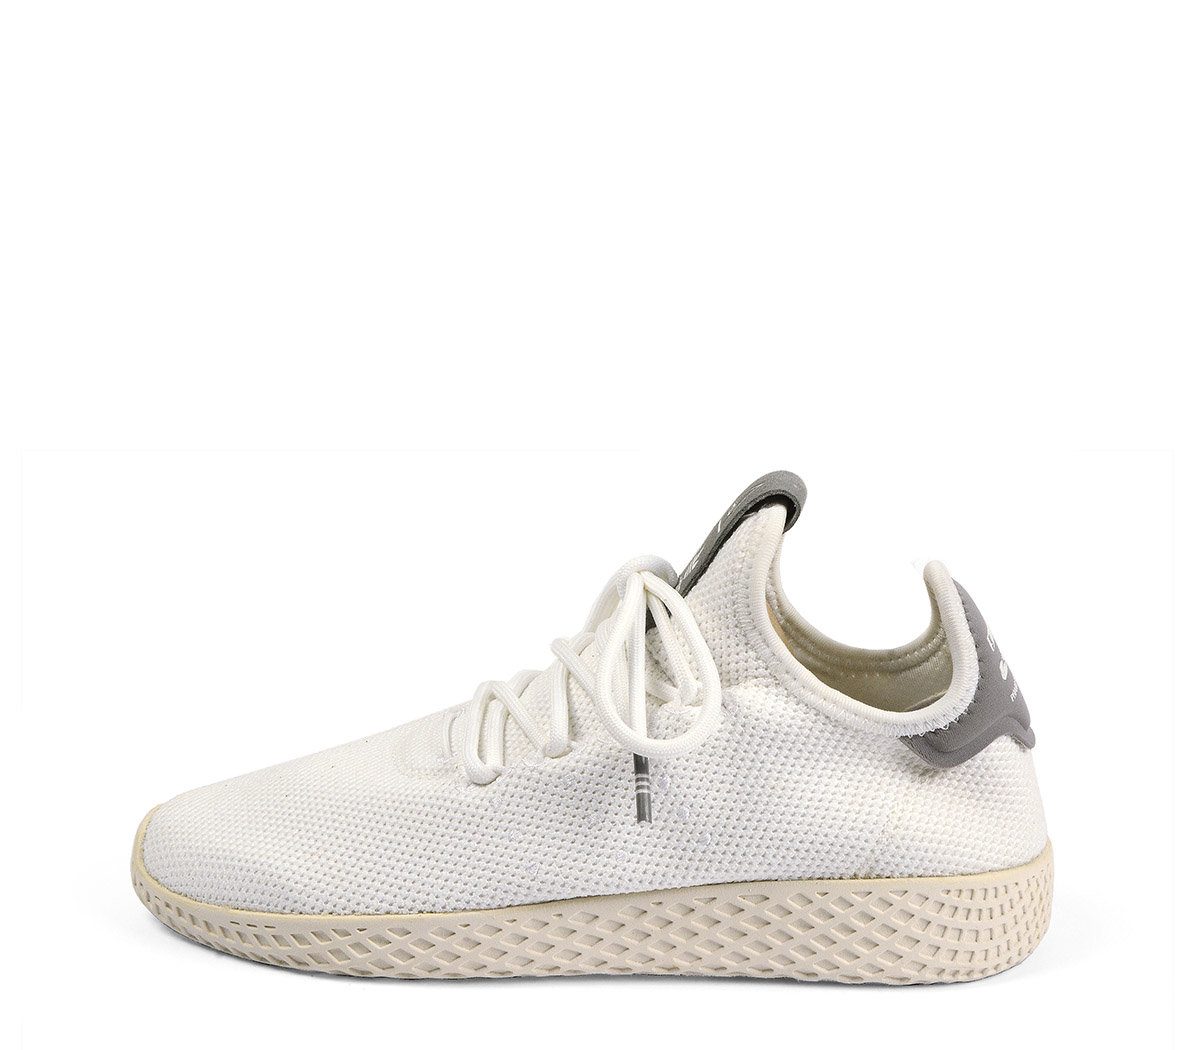 Ref. 4118 Adidas PW-TENNIS tela blanca. Cordones al tono. Suela blanca.